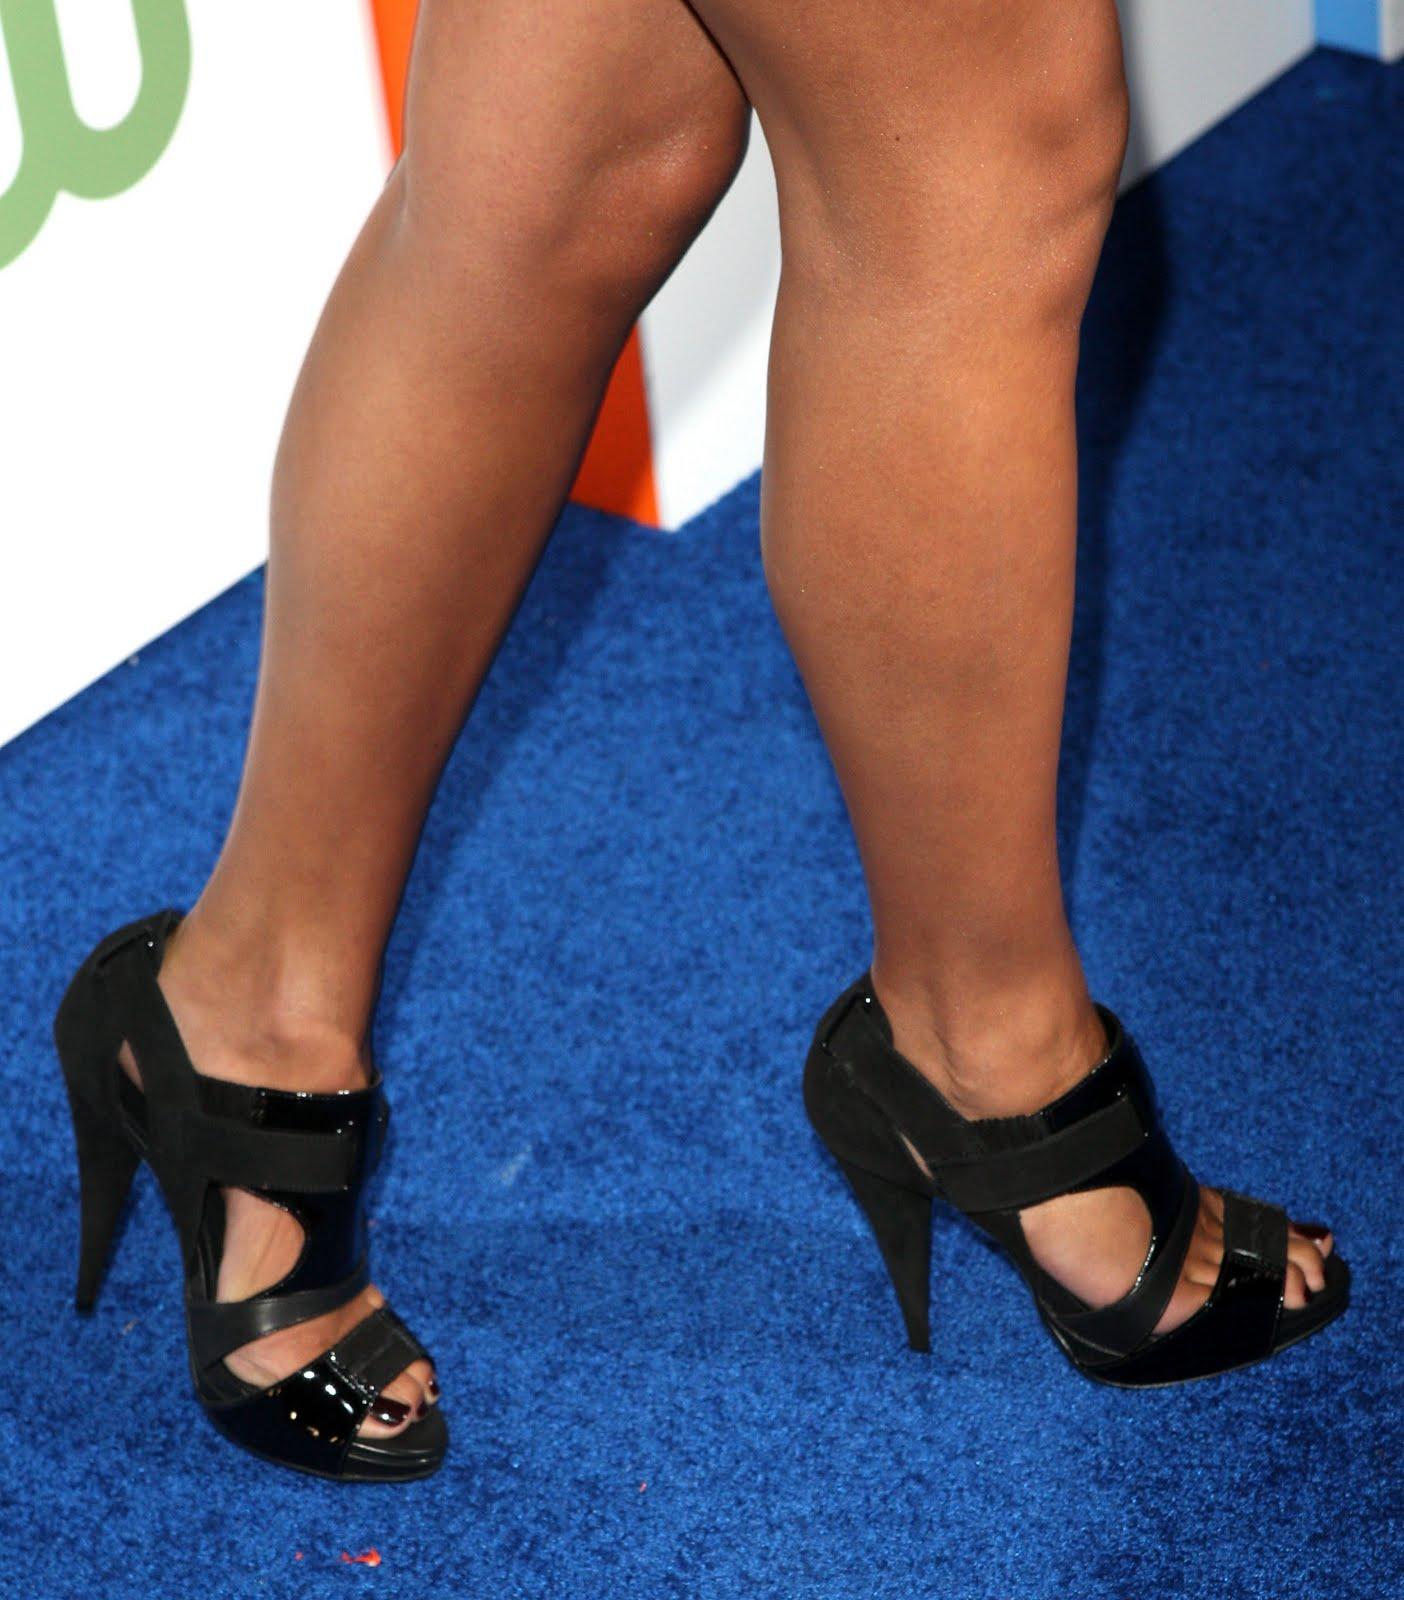 http://4.bp.blogspot.com/_bQ0SqifjNcg/S8ypcveby-I/AAAAAAAATng/L7X3csTHpgY/s1600/jessica-lucas-feet.jpg